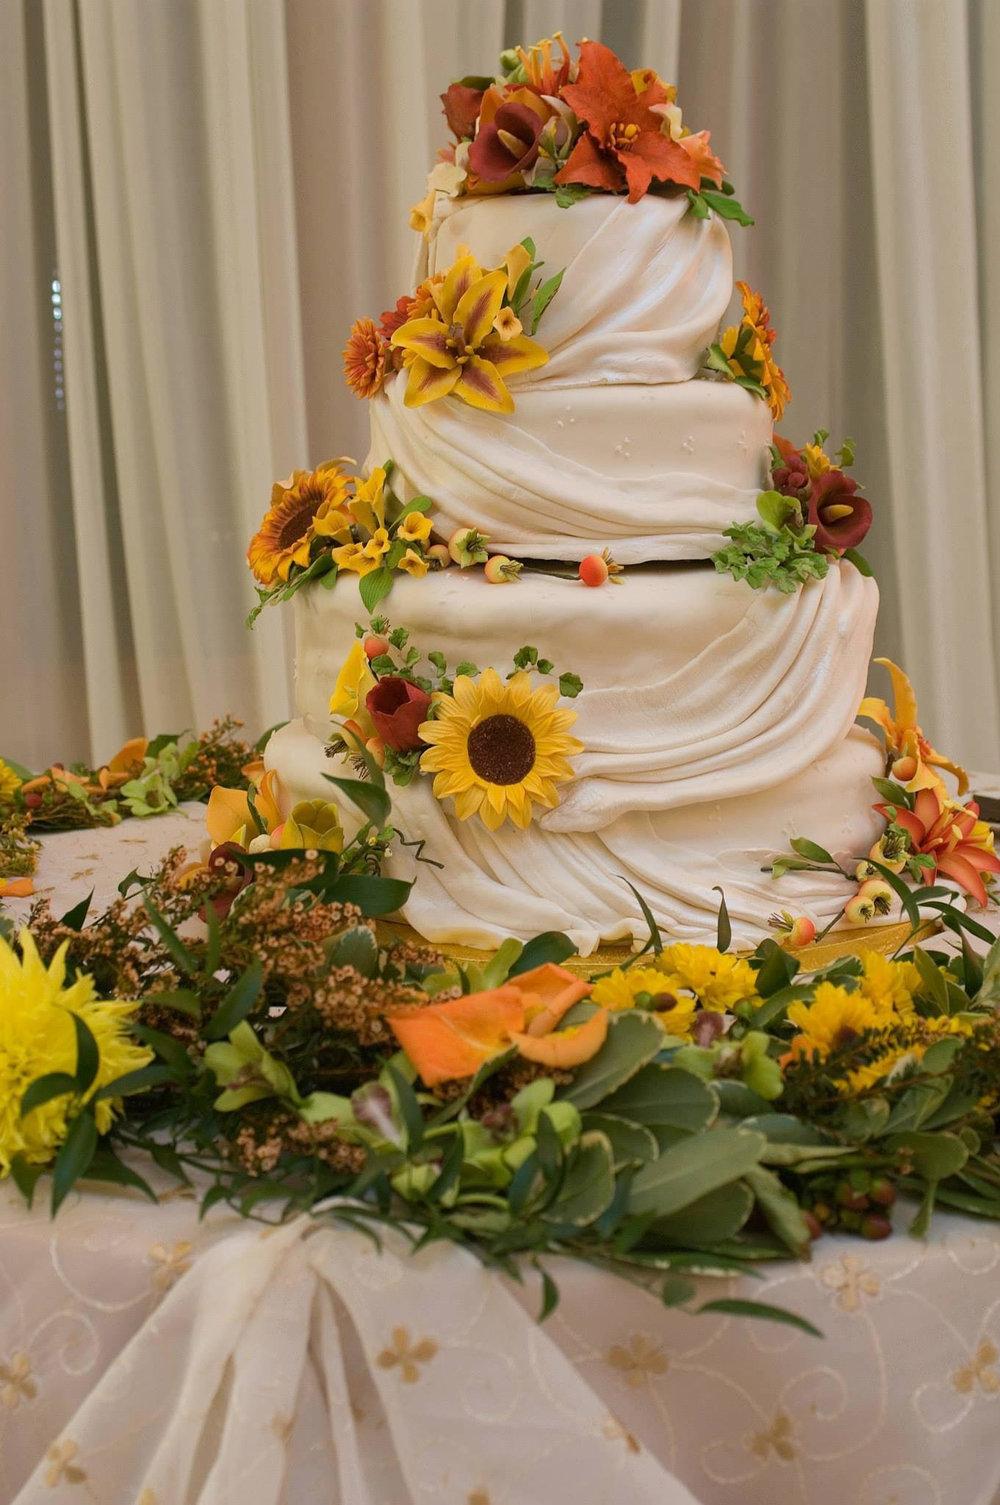 pa-wedding-cakes-50.jpg